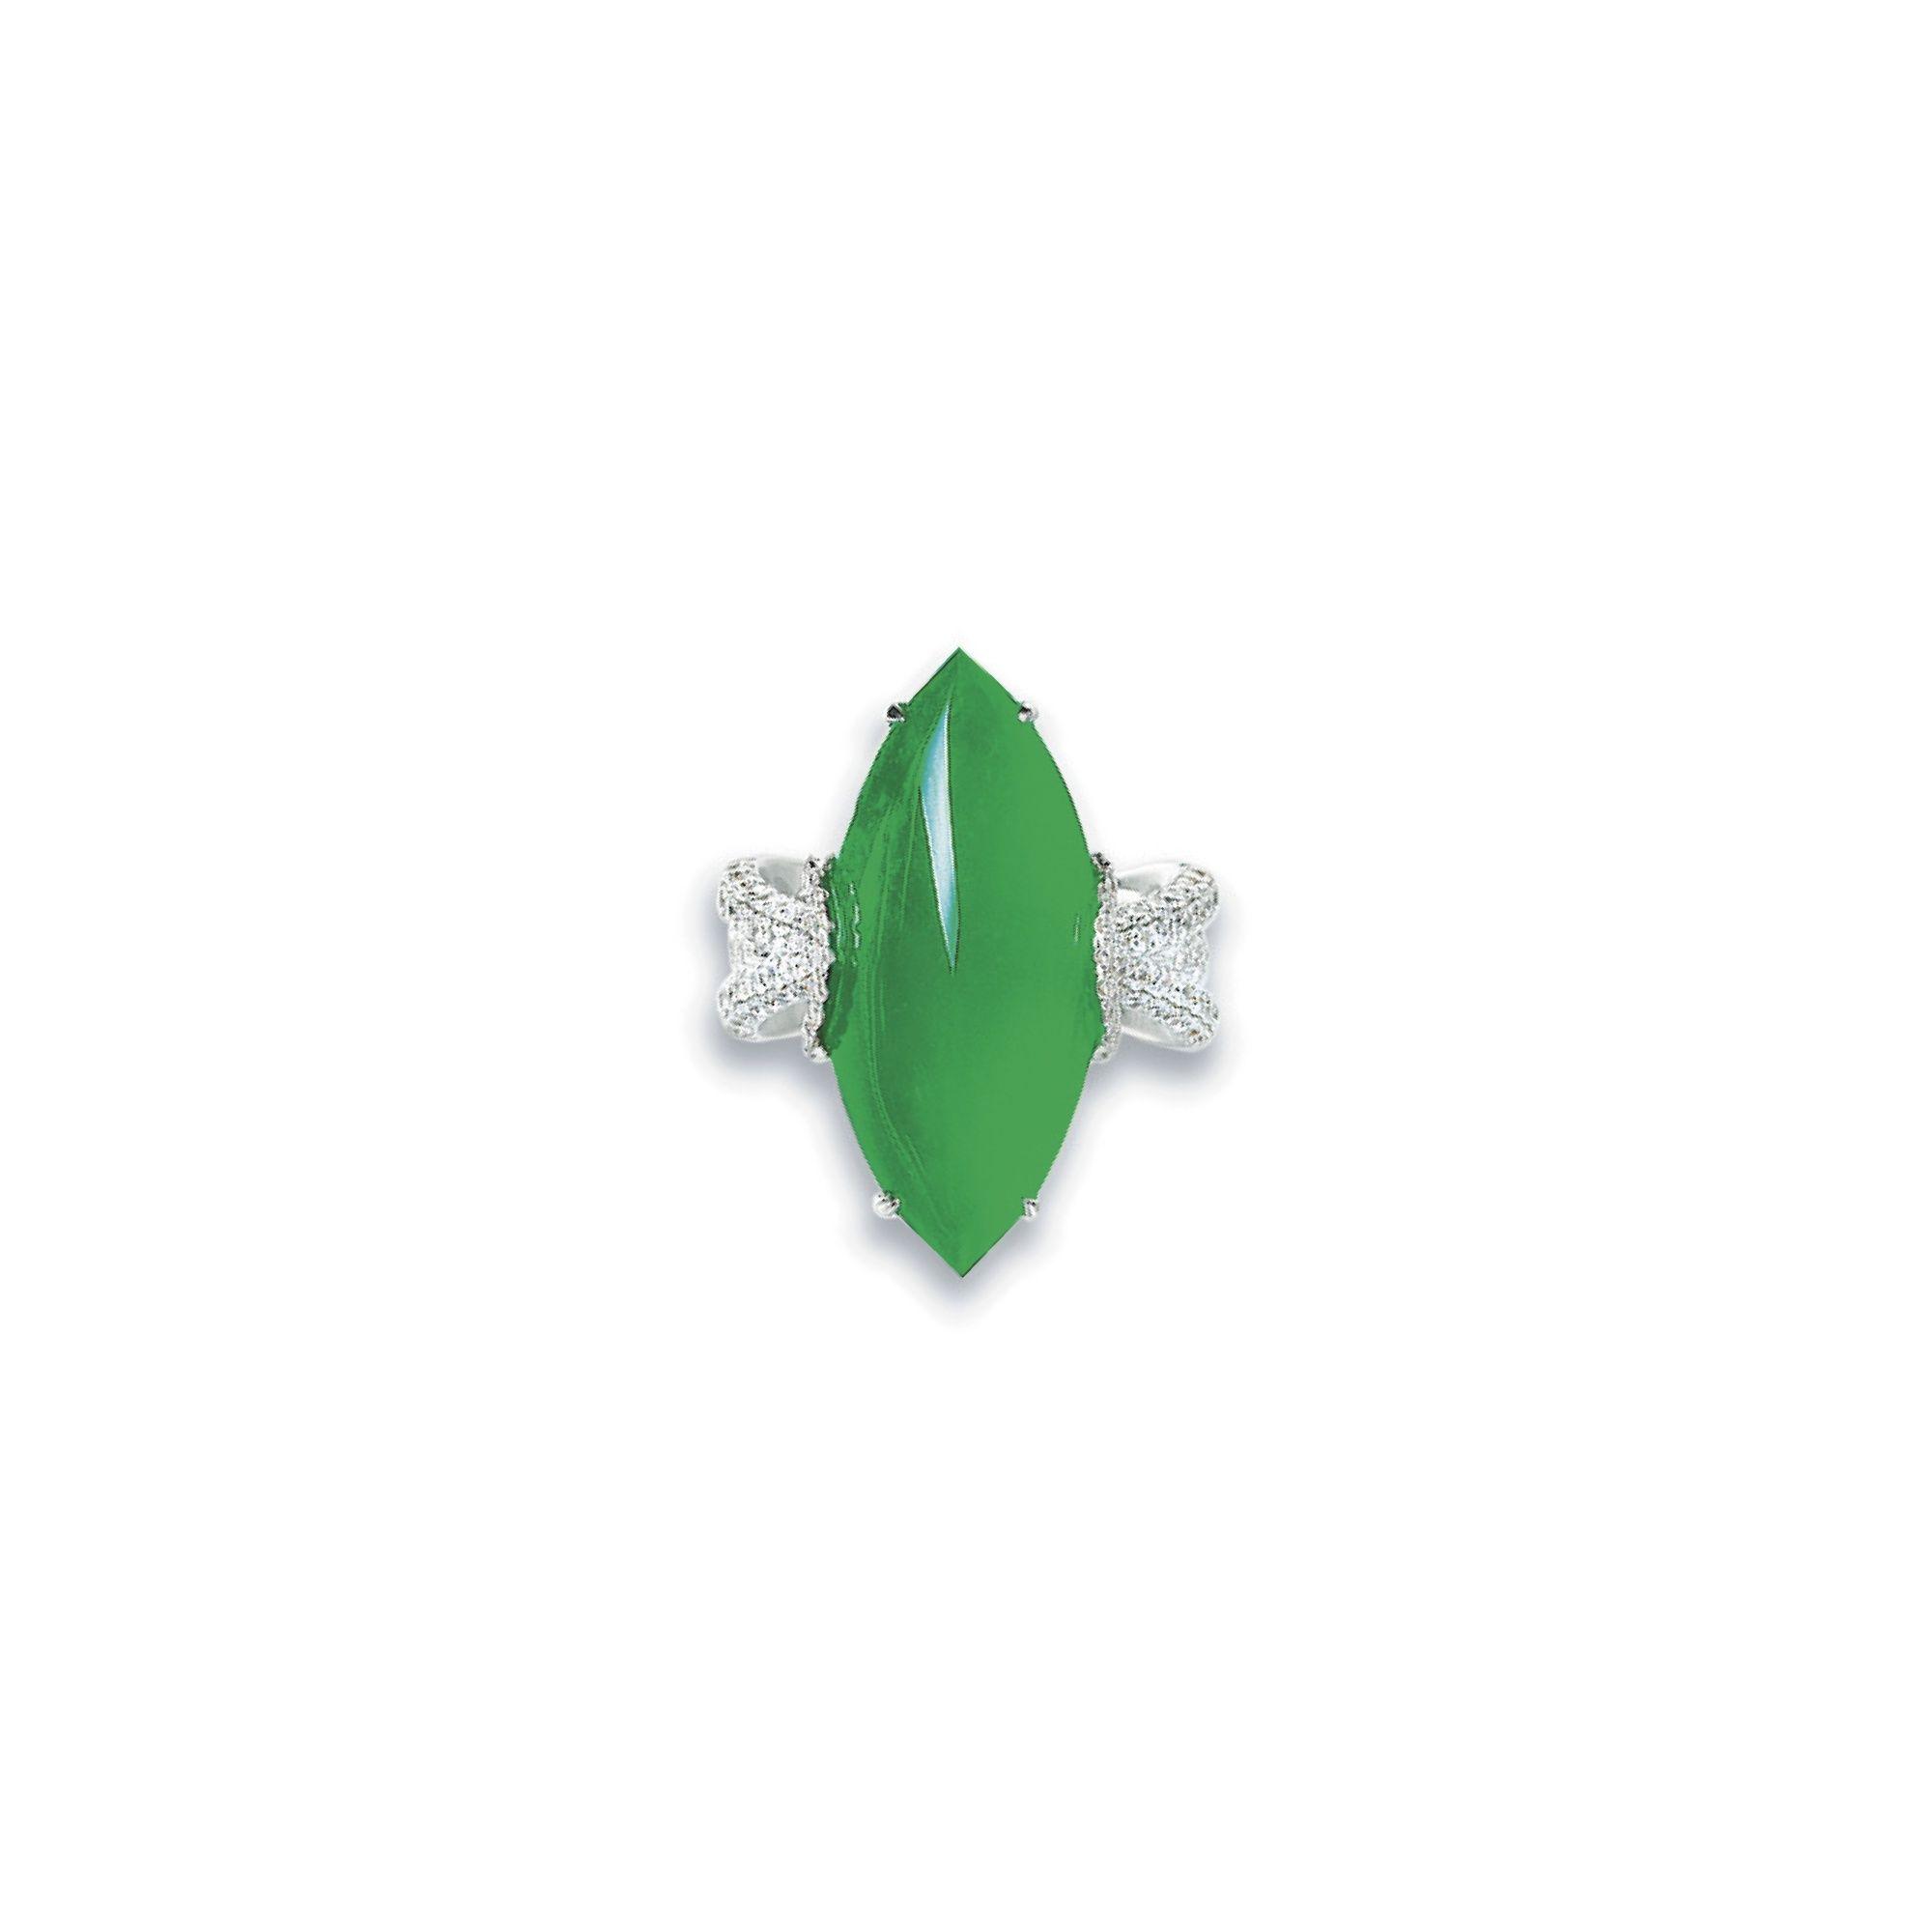 天然翡翠配鑽石戒指 | Lot | Sotheby's